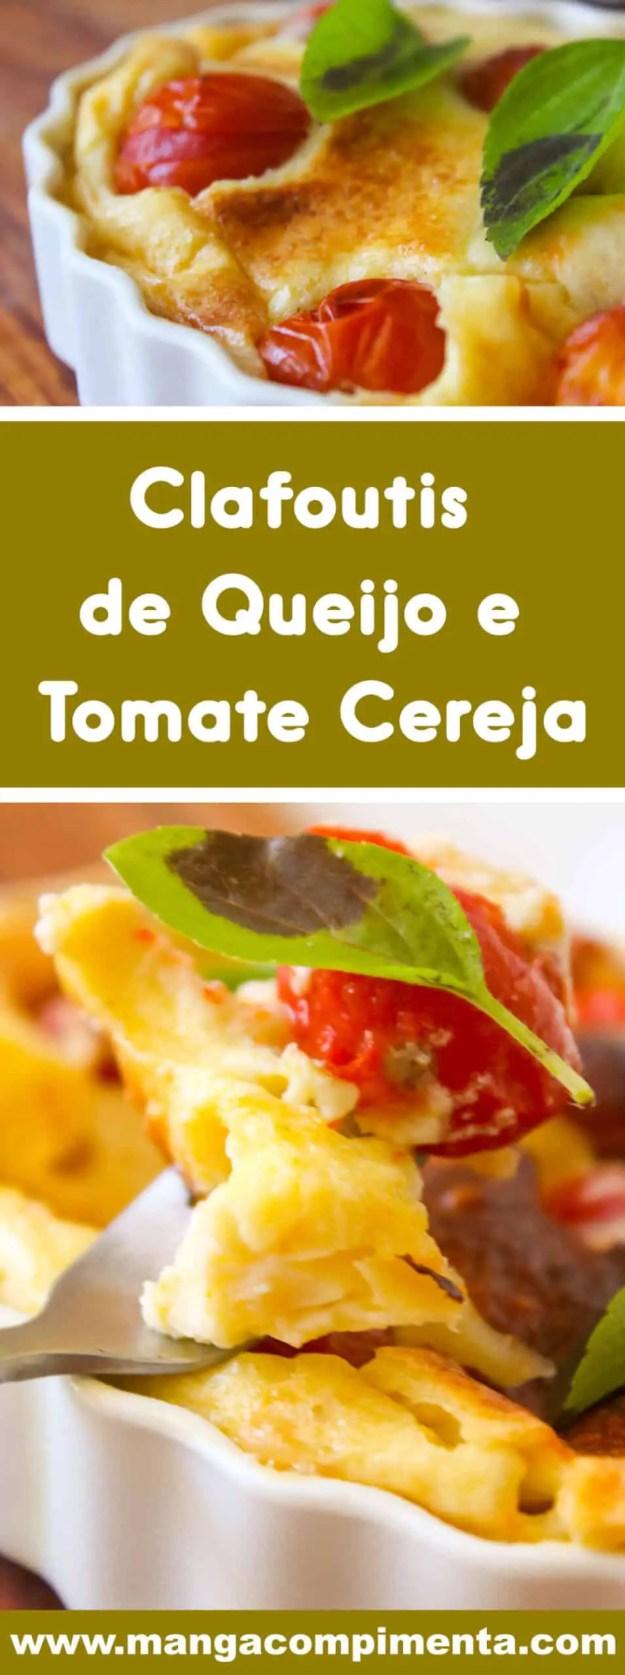 Receita Clafoutis de Queijo e Tomate Cereja - perfeito para as festas de final de ano ou para o almoço do final de semana.